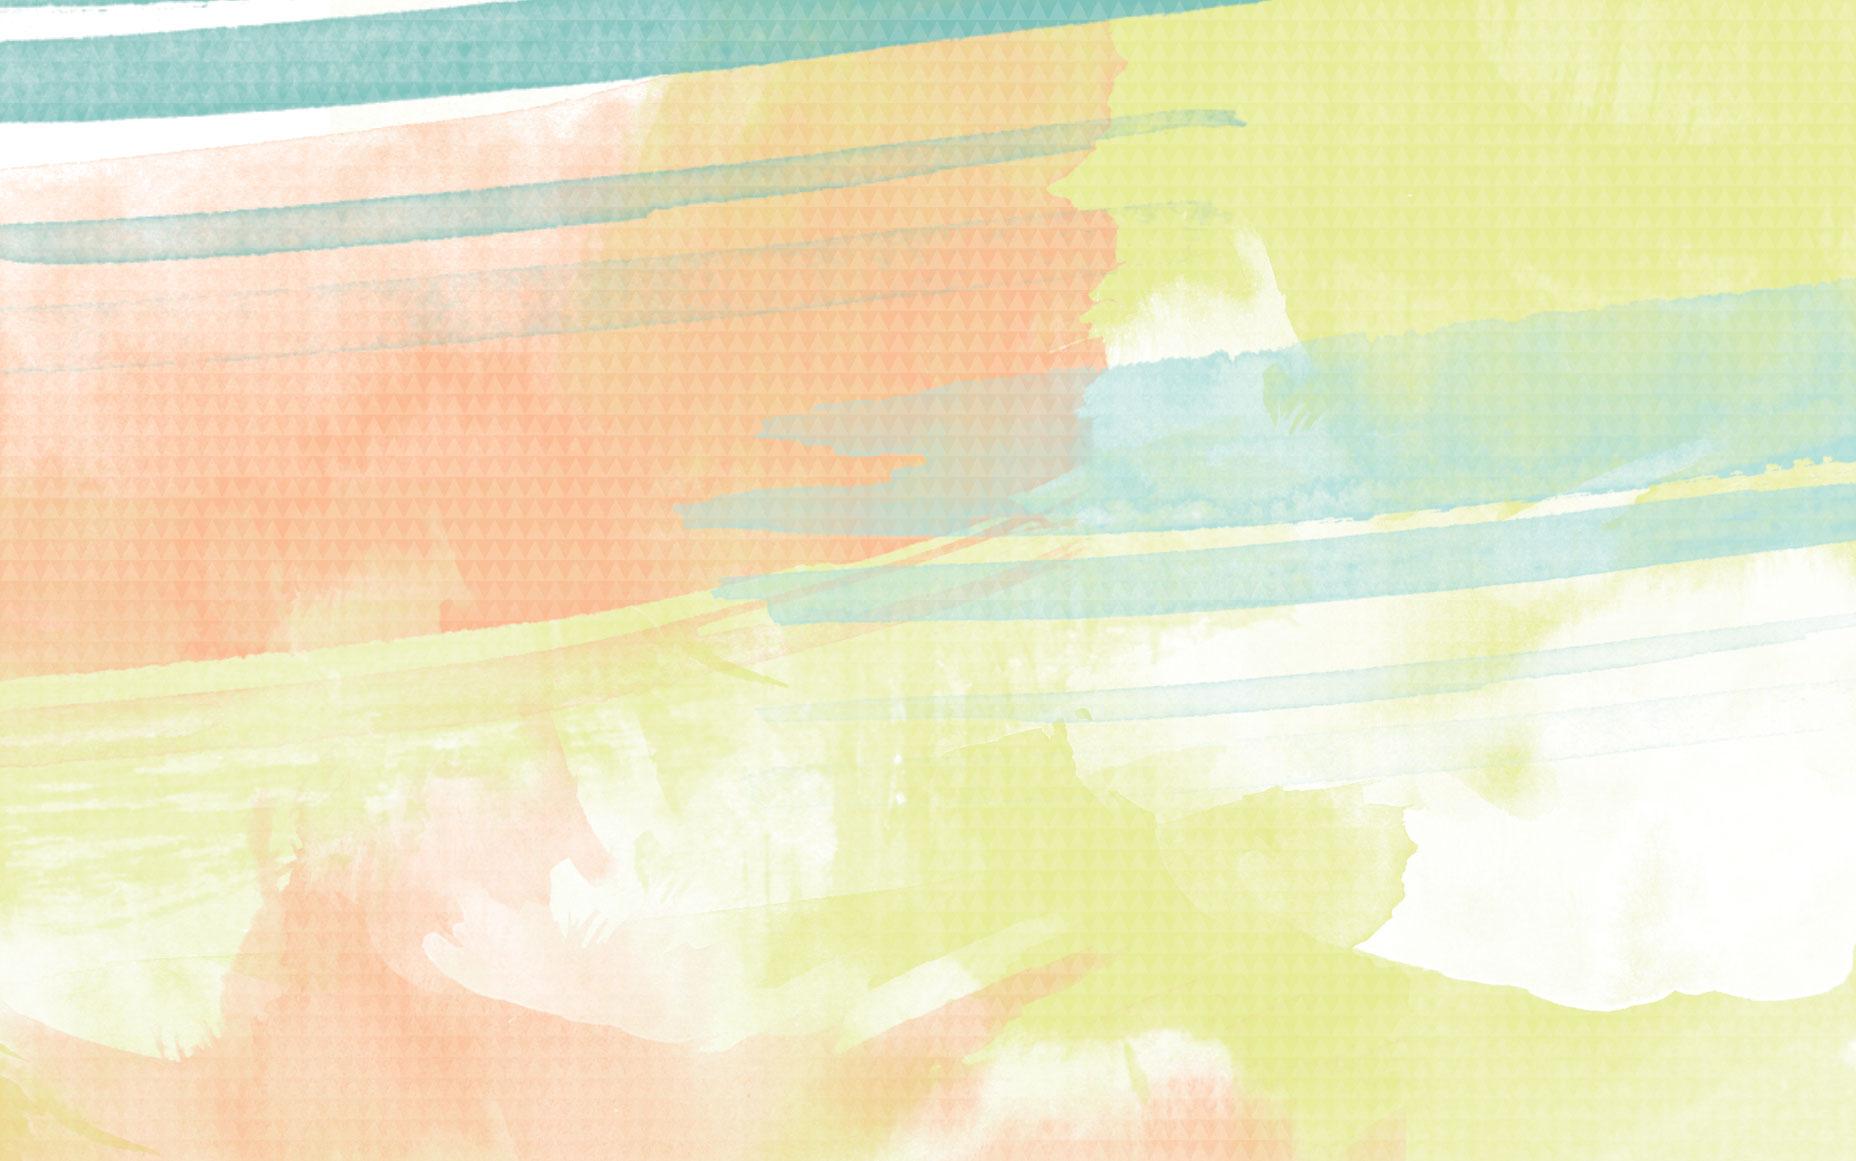 Pastel Watercolor Wallpaper At Getdrawings Free Download